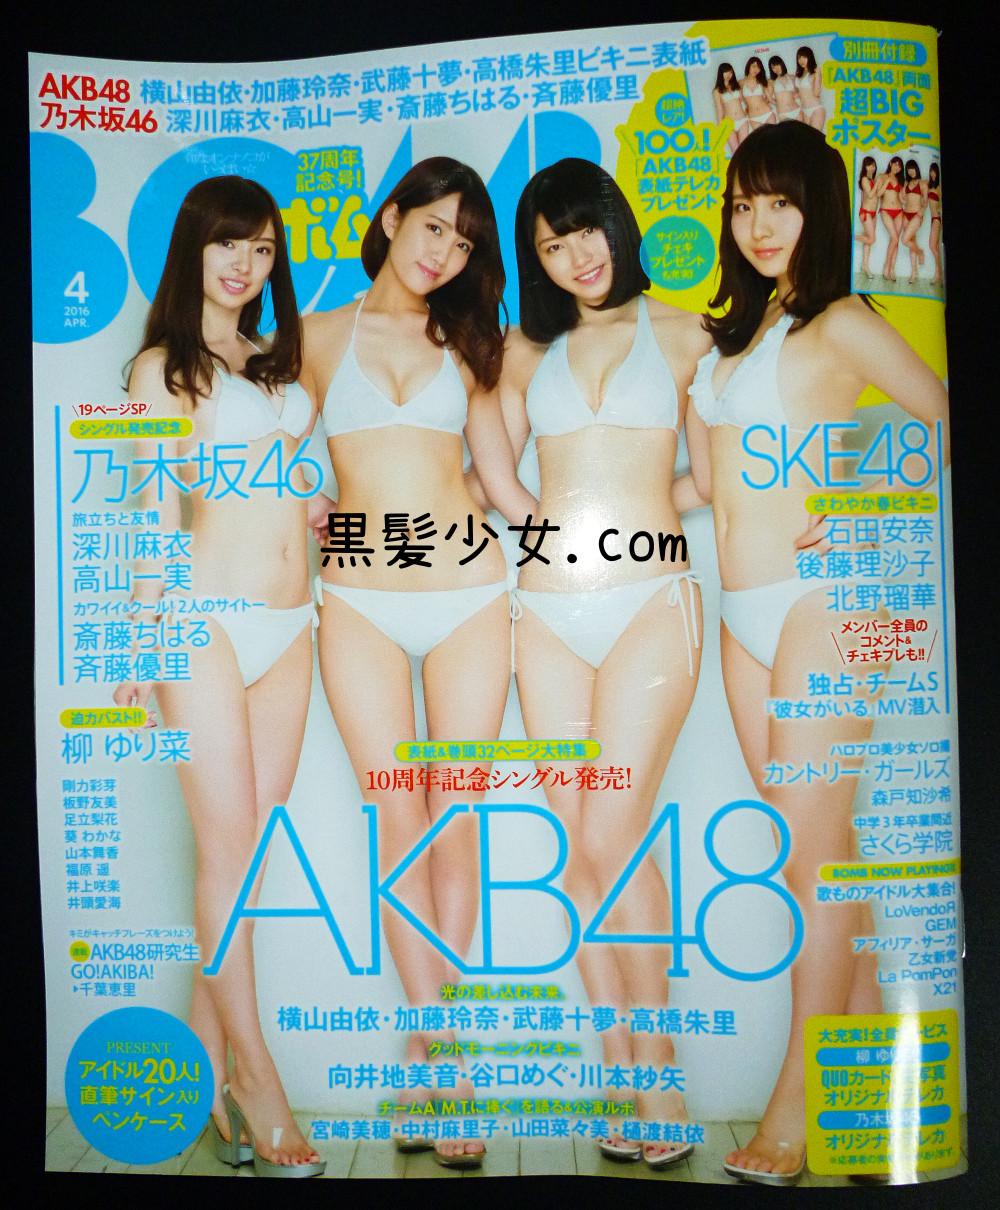 [感想] 加藤玲奈の表紙が良い BOMB2016年4月号 AKB48水着グラビア掲載